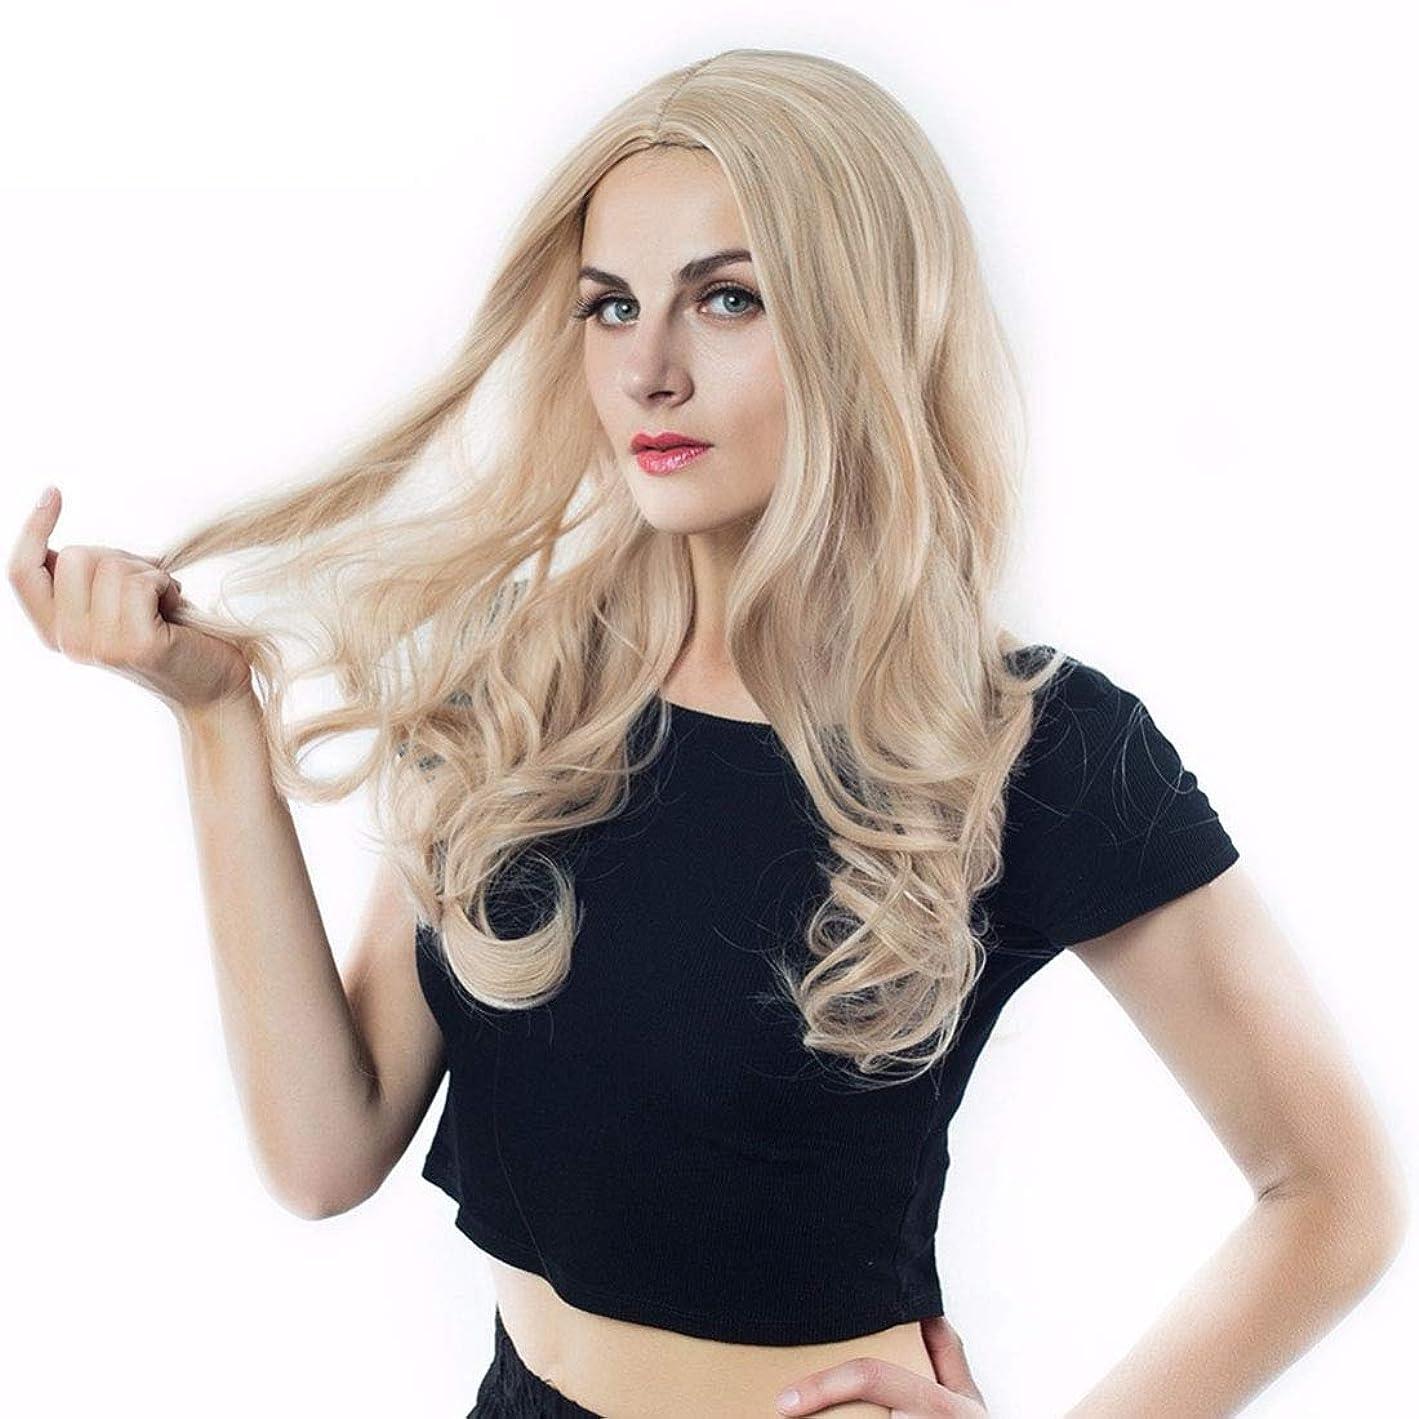 口径恵みツインYrattary ヨーロッパとアメリカの女性のかつらは、長い巻き毛の合成髪レースかつらロールプレイングかつらを強調表示します。 (色 : Photo Color, サイズ : 65cm)